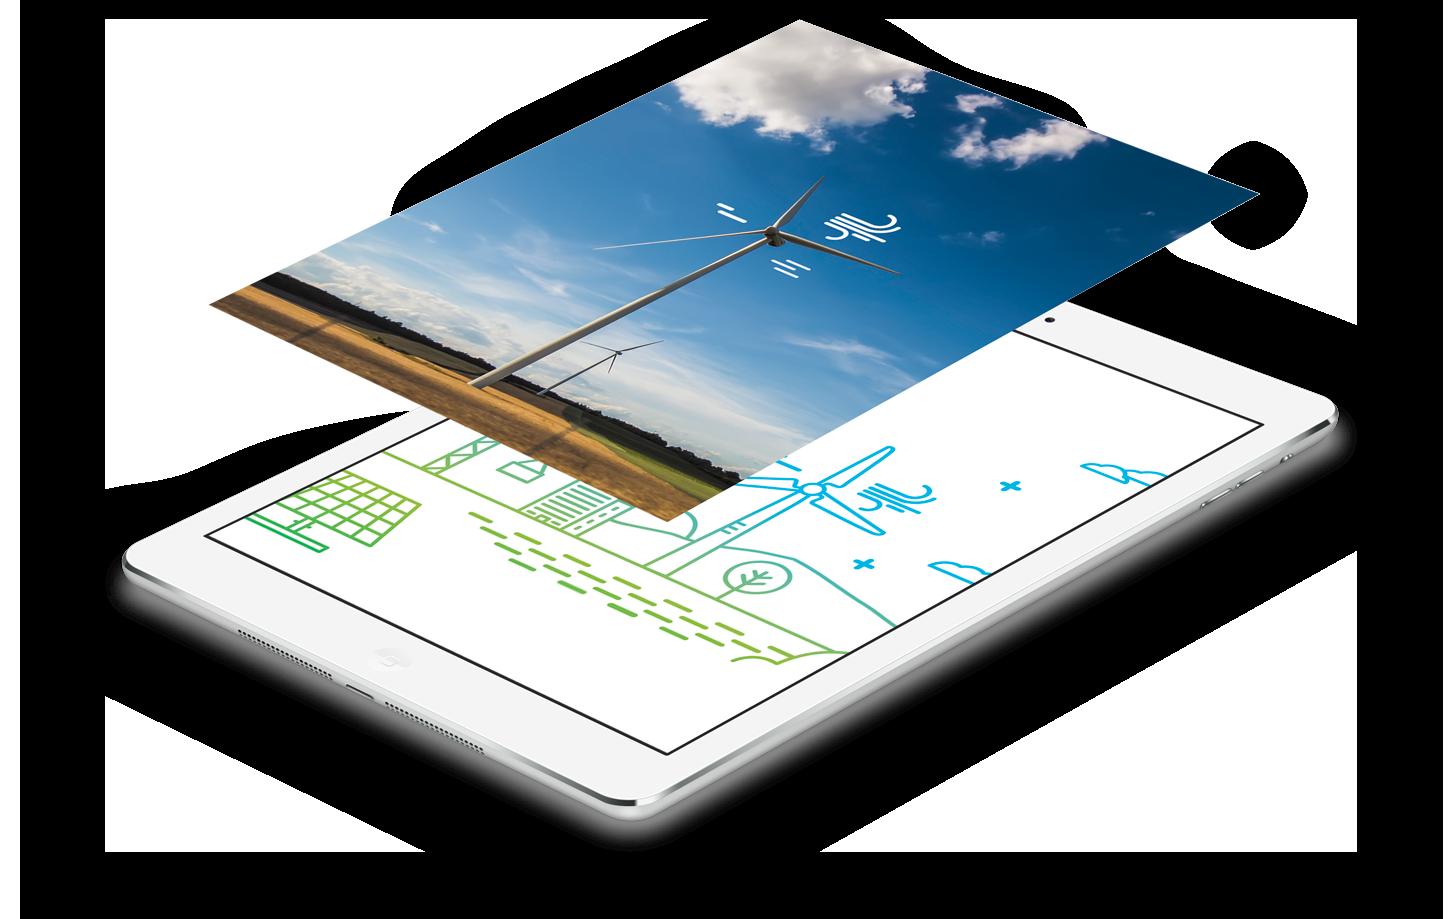 Ipad montrant des infographies et illustrations d'éoliennes